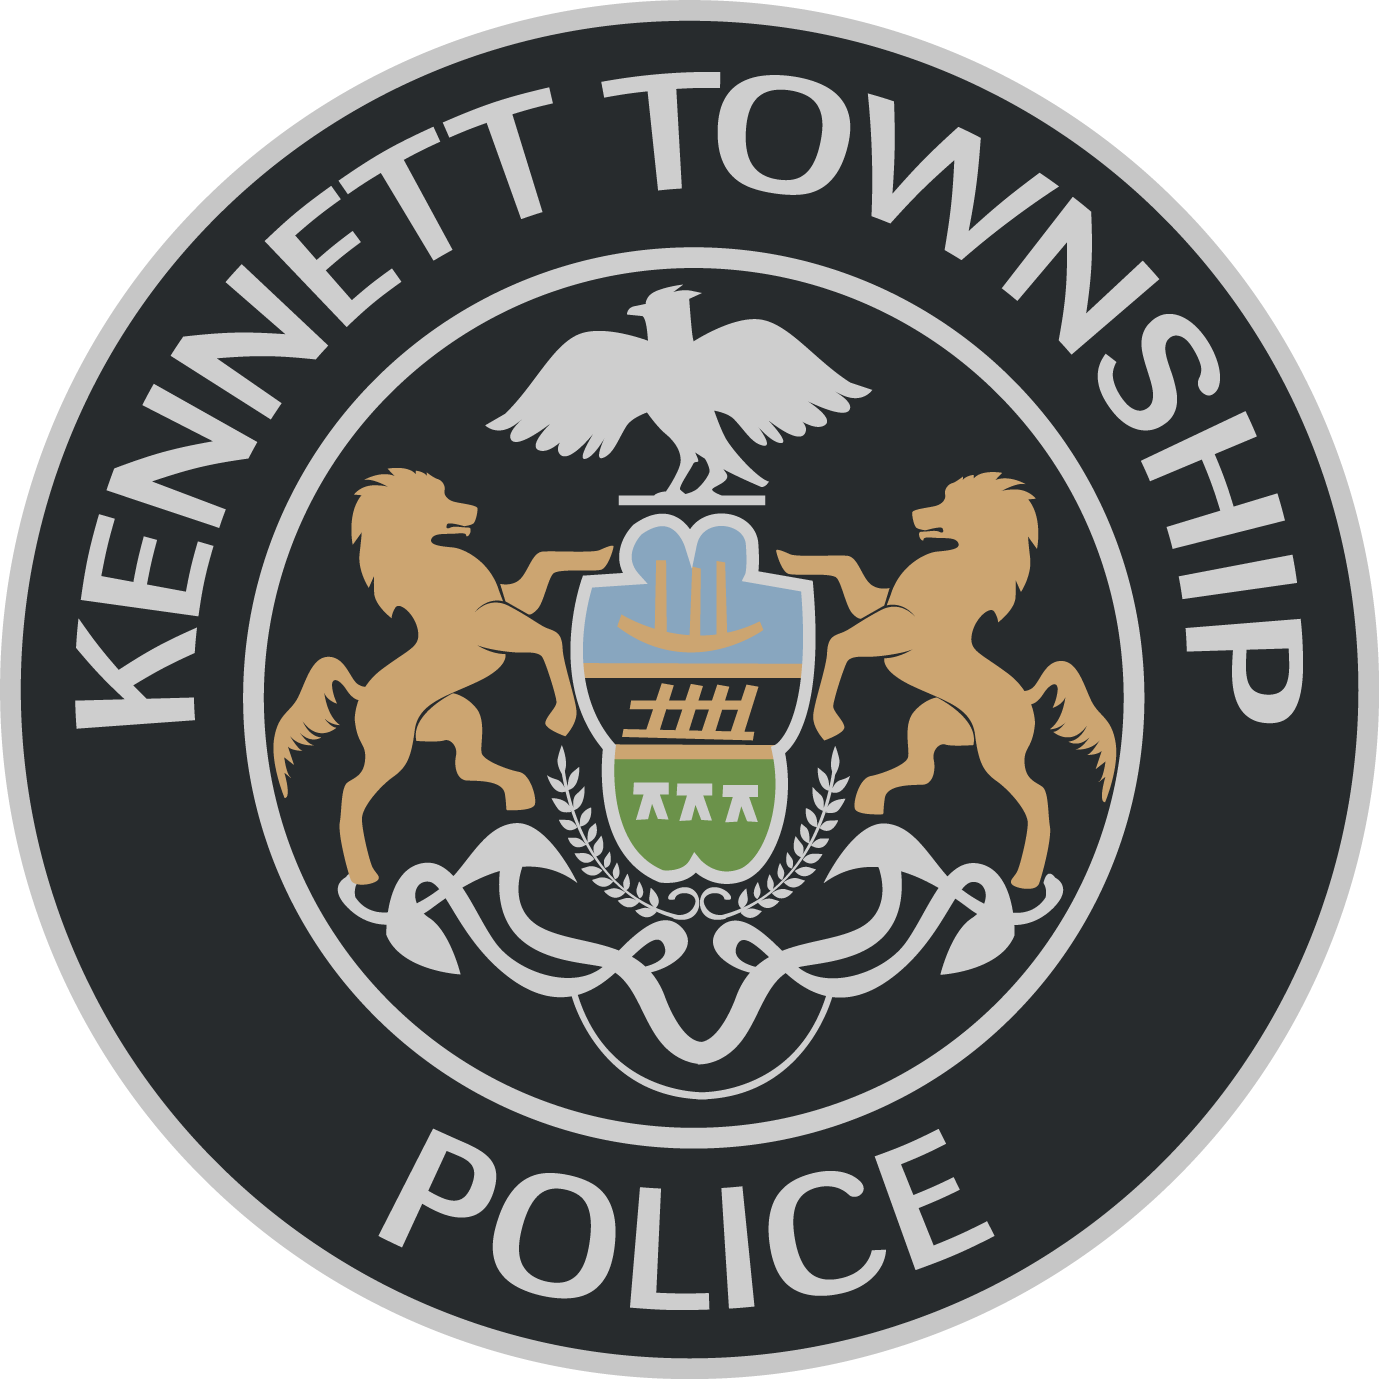 Kennett Township Police Dept